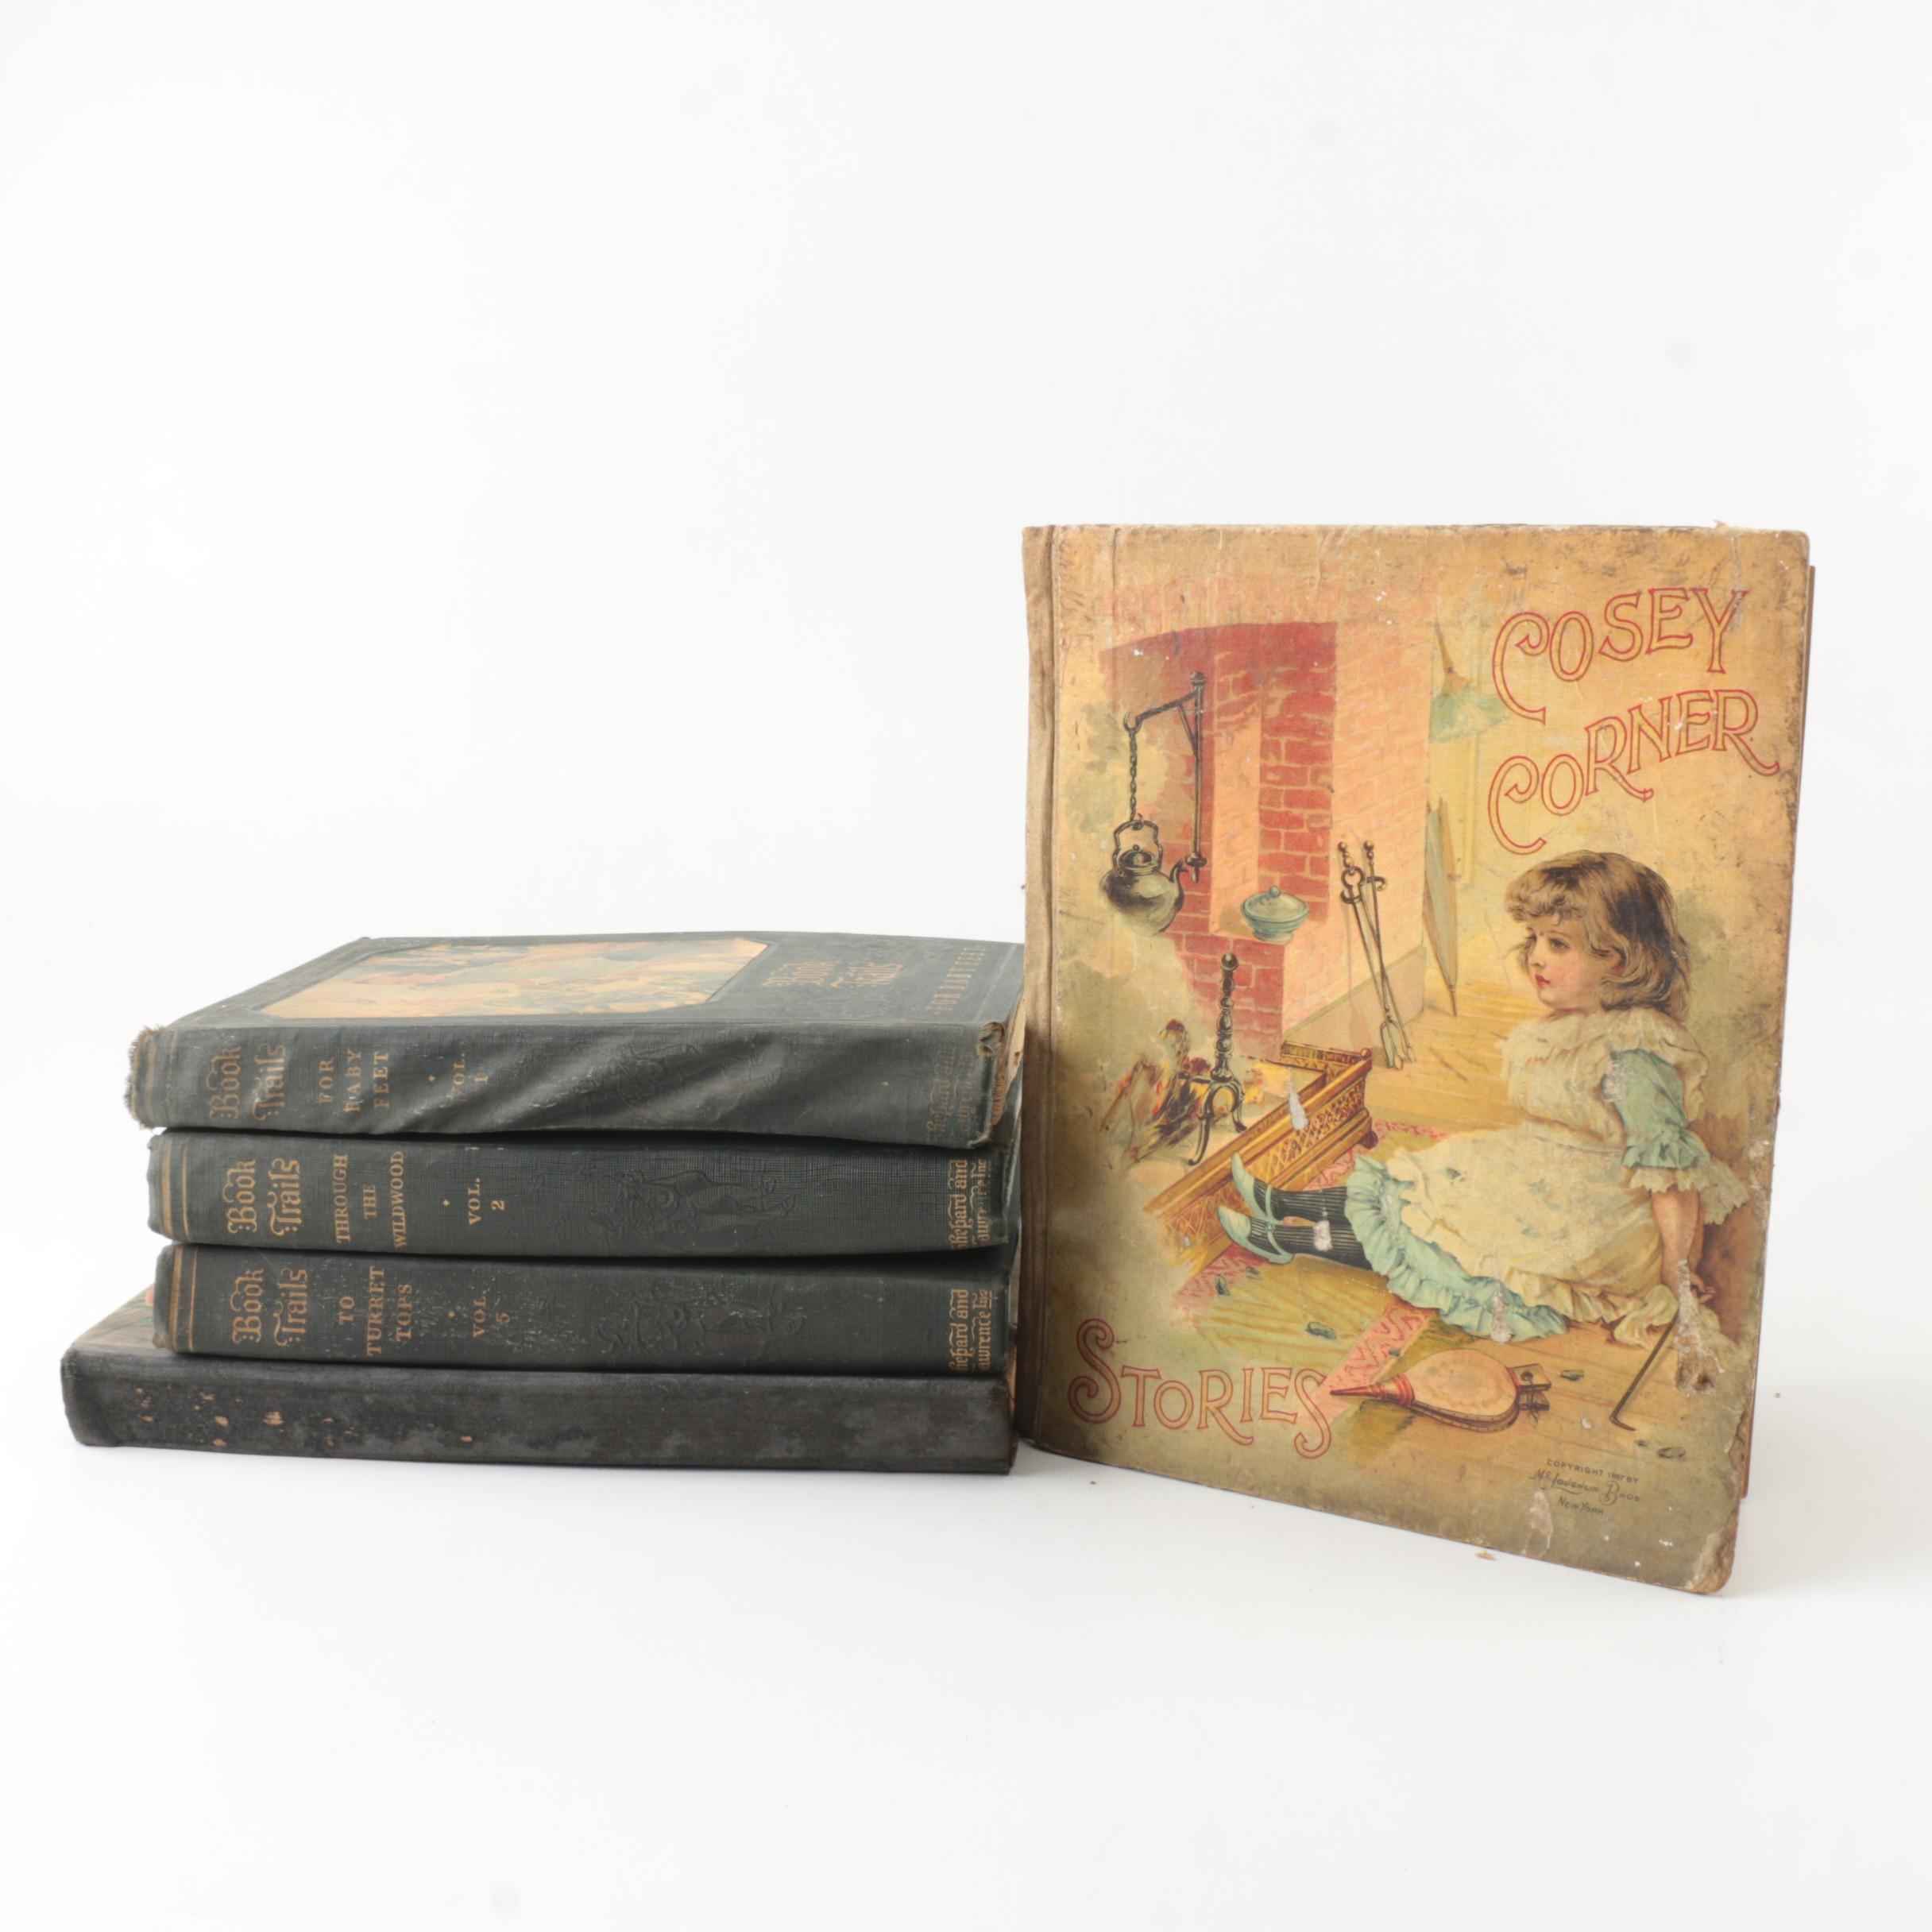 Antique Children's Storybooks